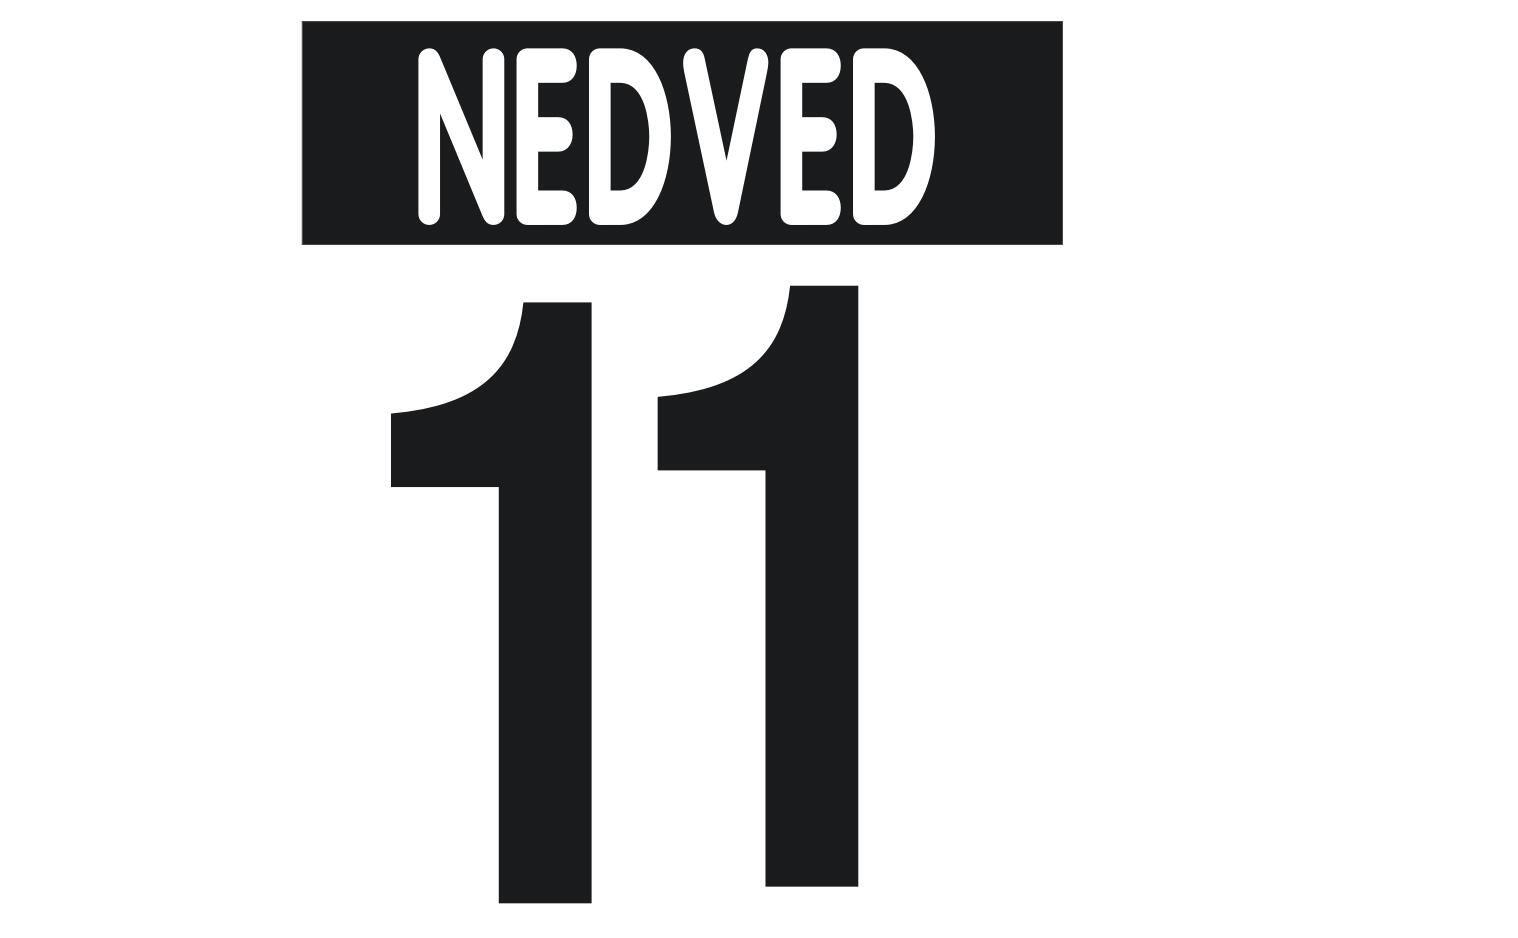 00-03 JUV Accueil football d'impression ensemble de noms chaud # 11 Nedvěd autocollants estampage du joueur BUFFON numérotation de lettrage de football imprimé